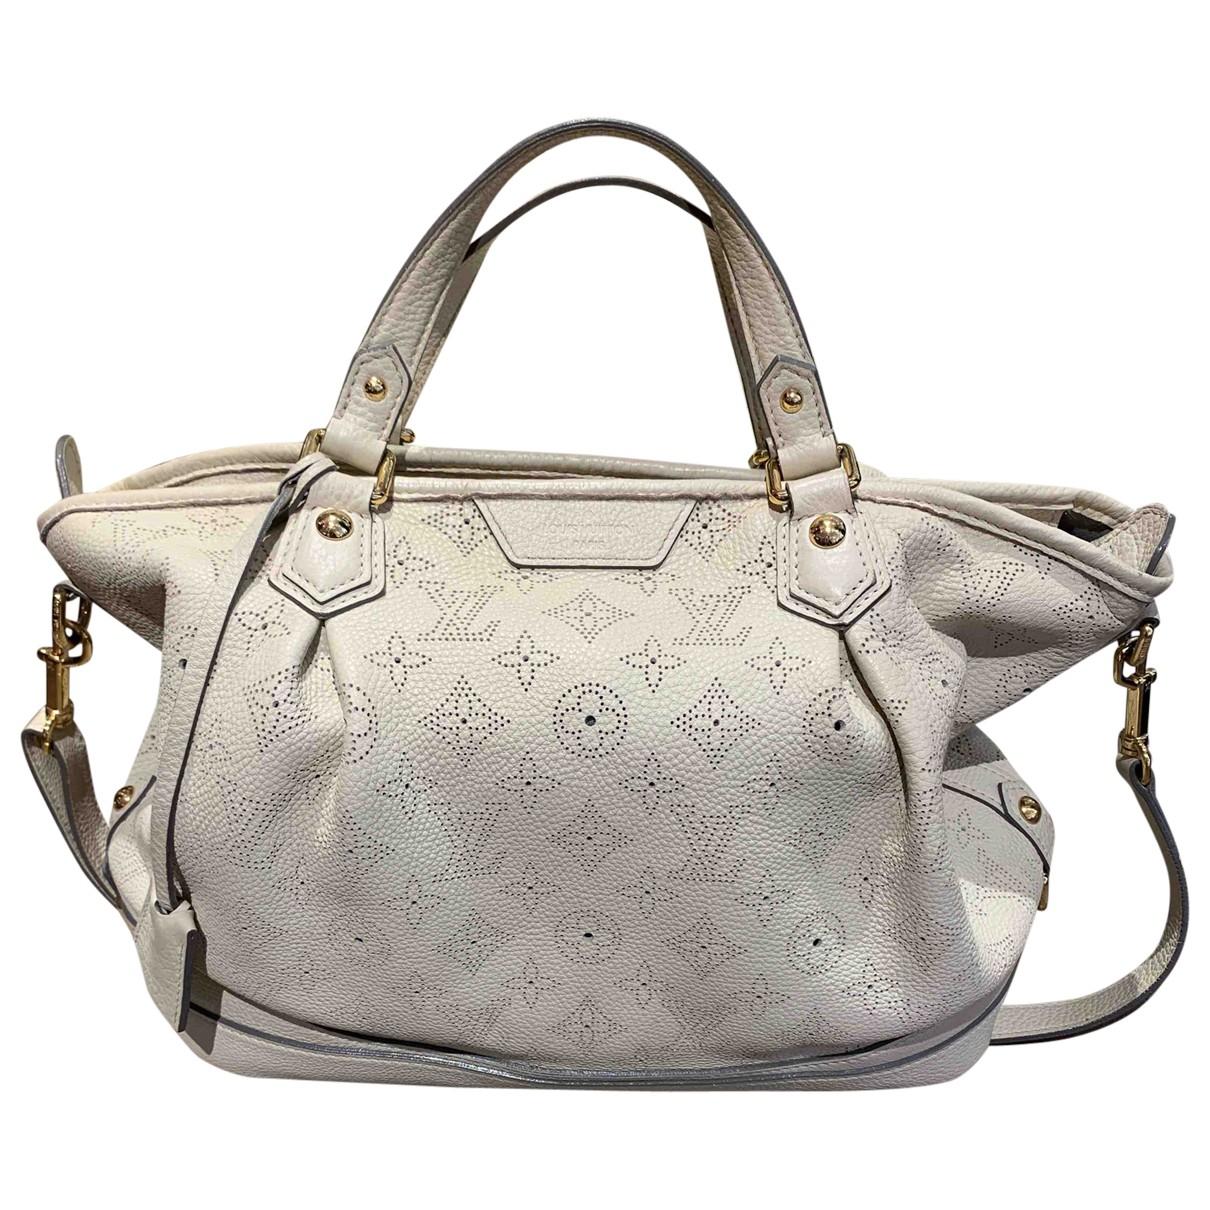 Louis Vuitton - Sac a main Mahina pour femme en cuir - blanc